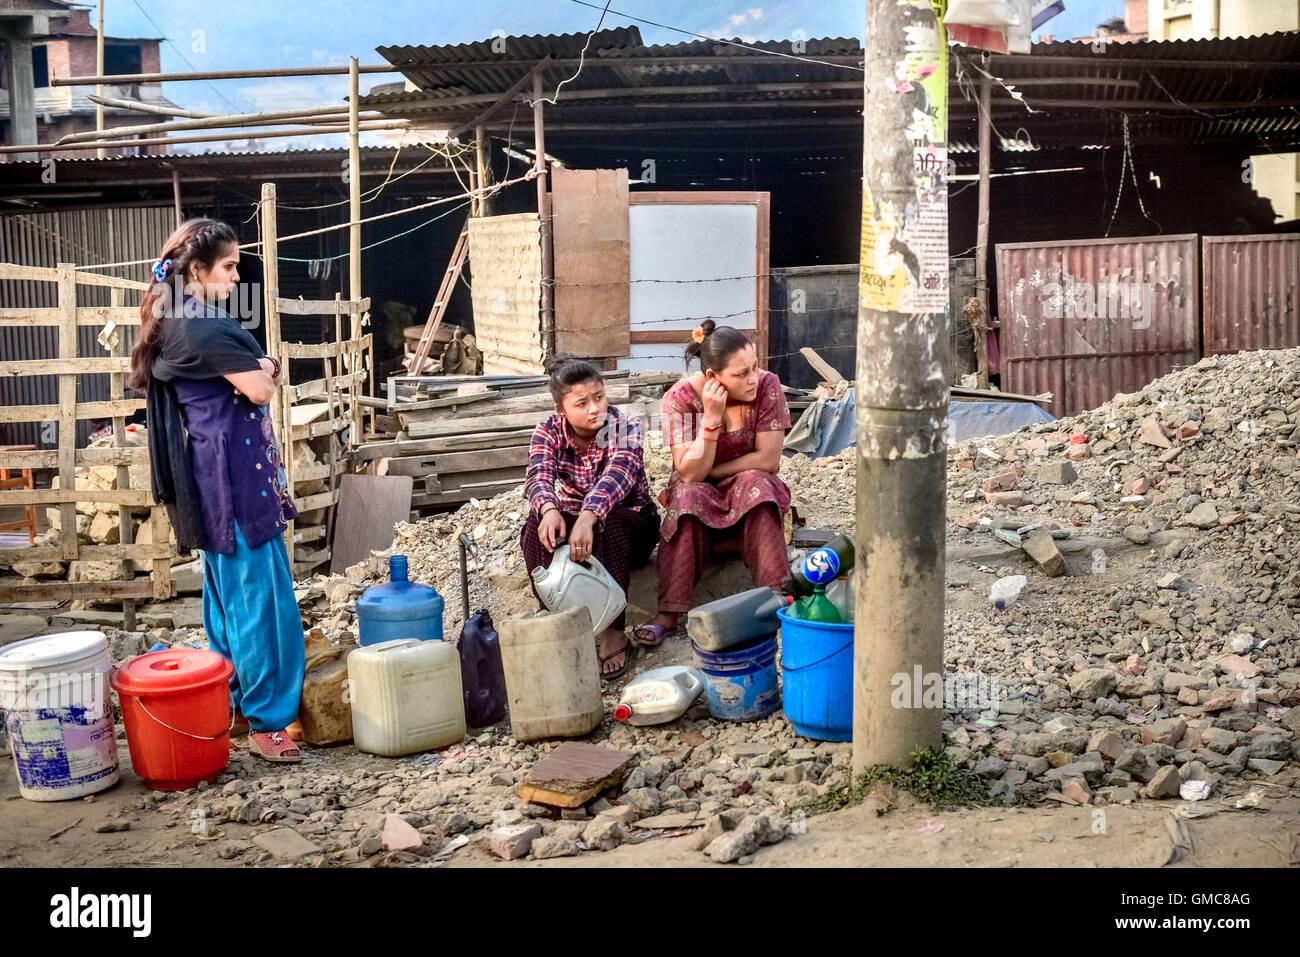 Las mujeres esperan el agua carretilla delante de refugios temporales durante la estación seca en Katmandú, Imagen De Stock